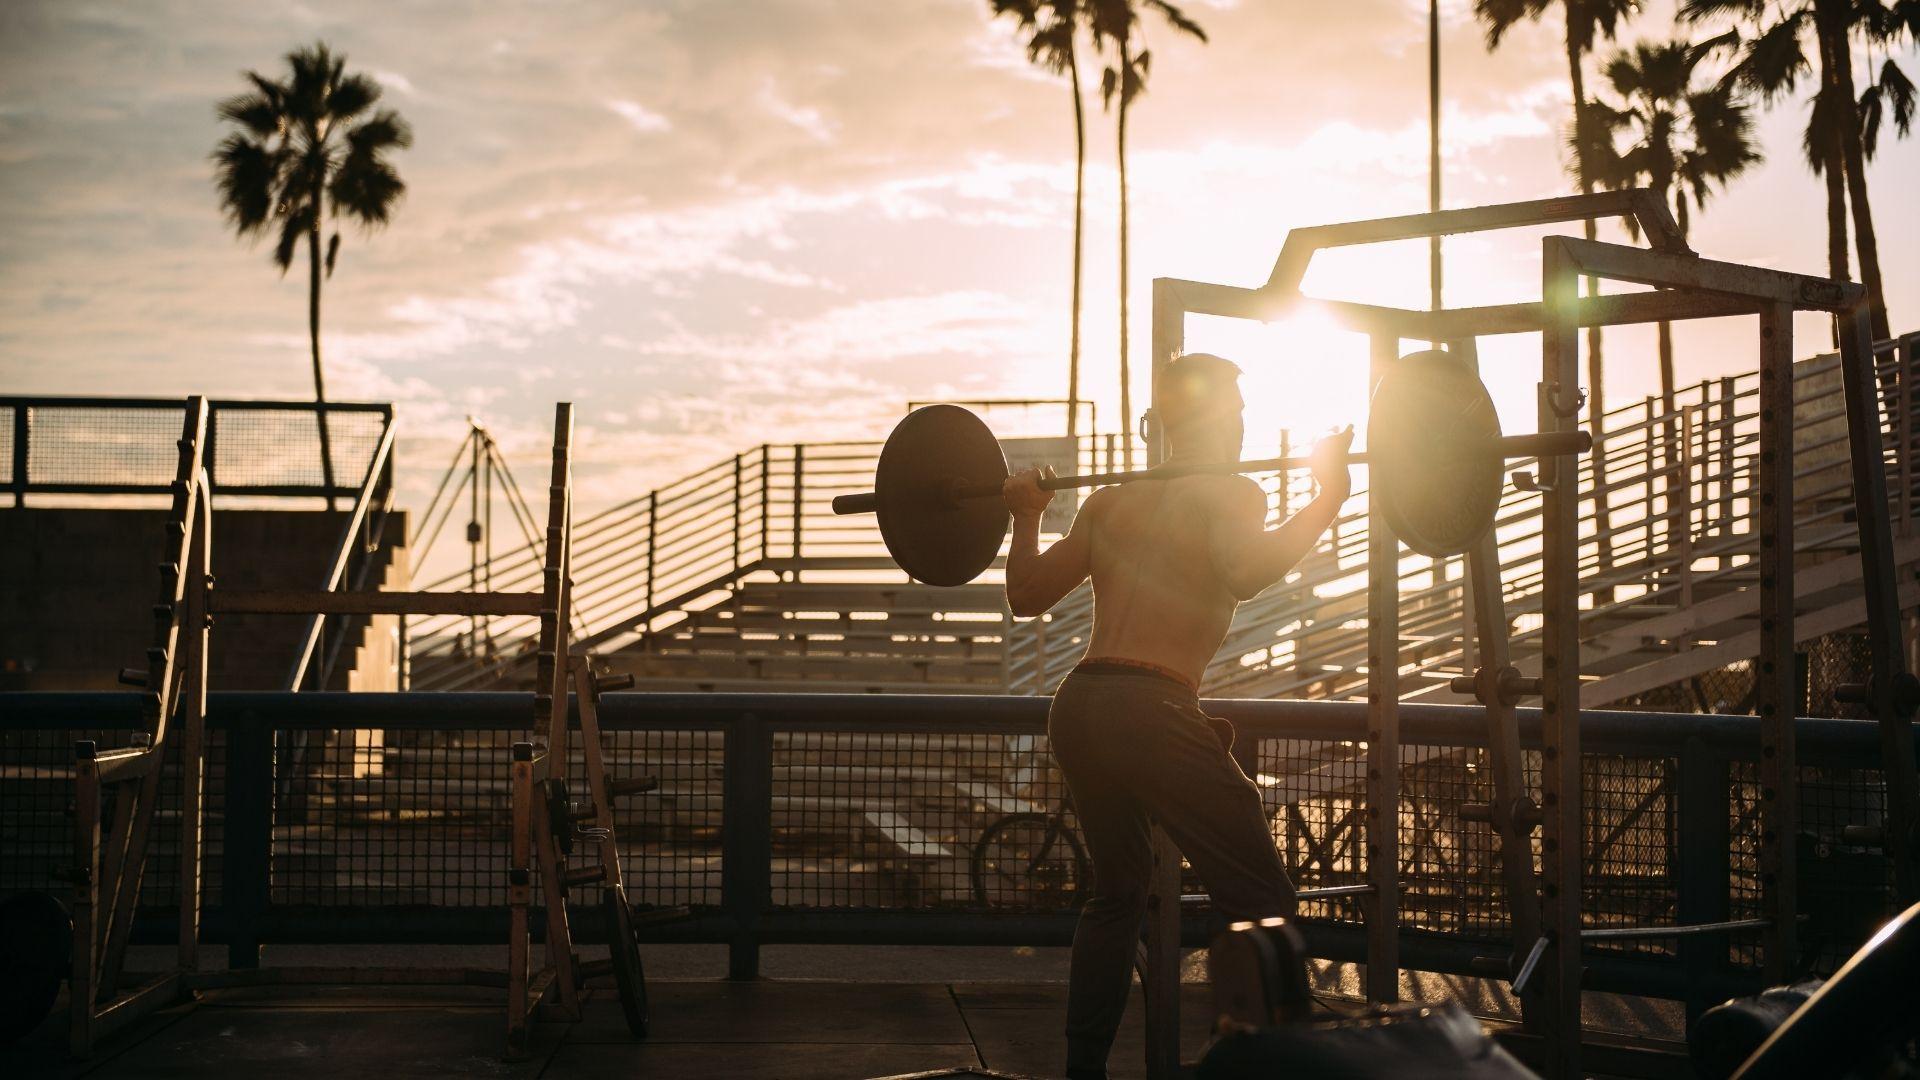 02 Sport Morgens oder Abends